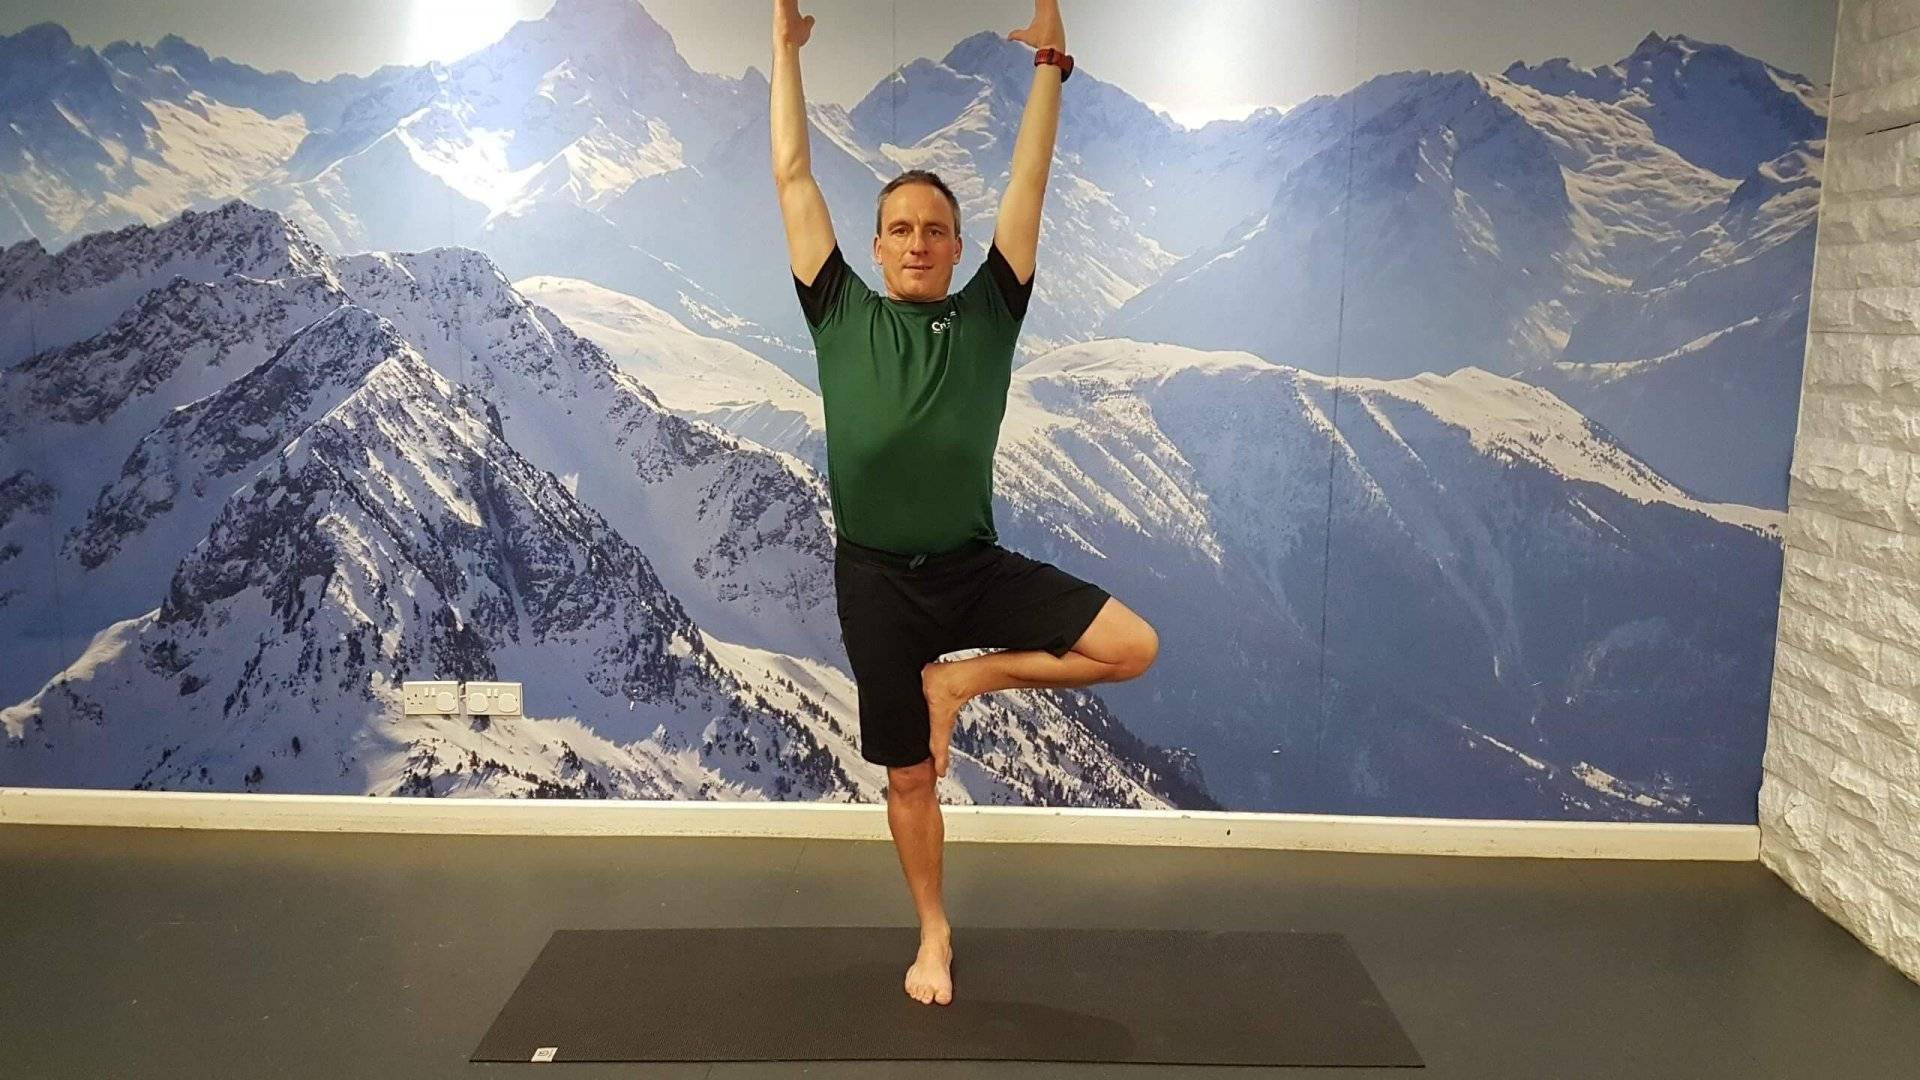 man doing beginner yoga pose